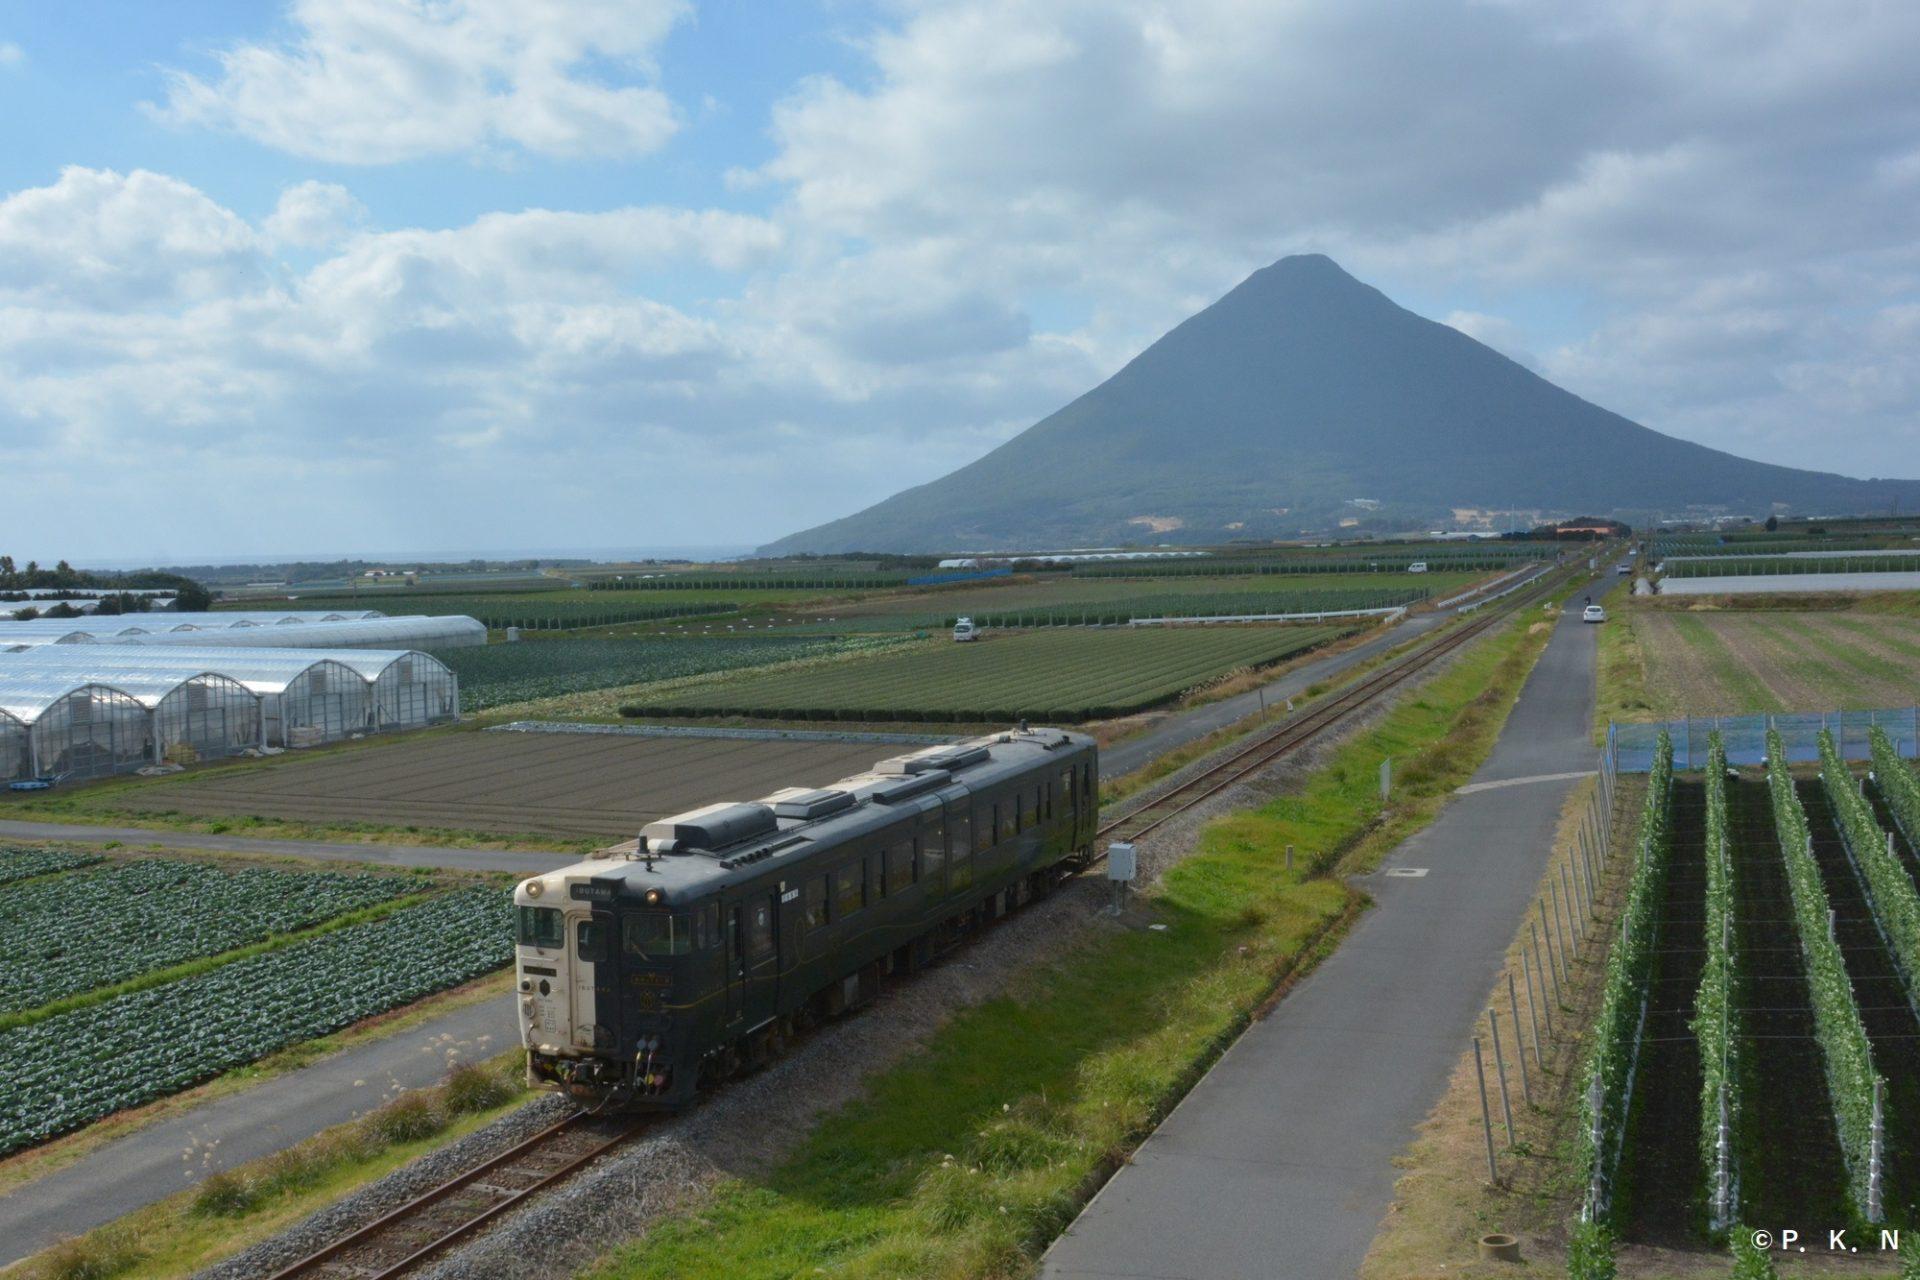 開聞岳 指宿市 観光 地 スポット 鹿児島県 旅行 九州